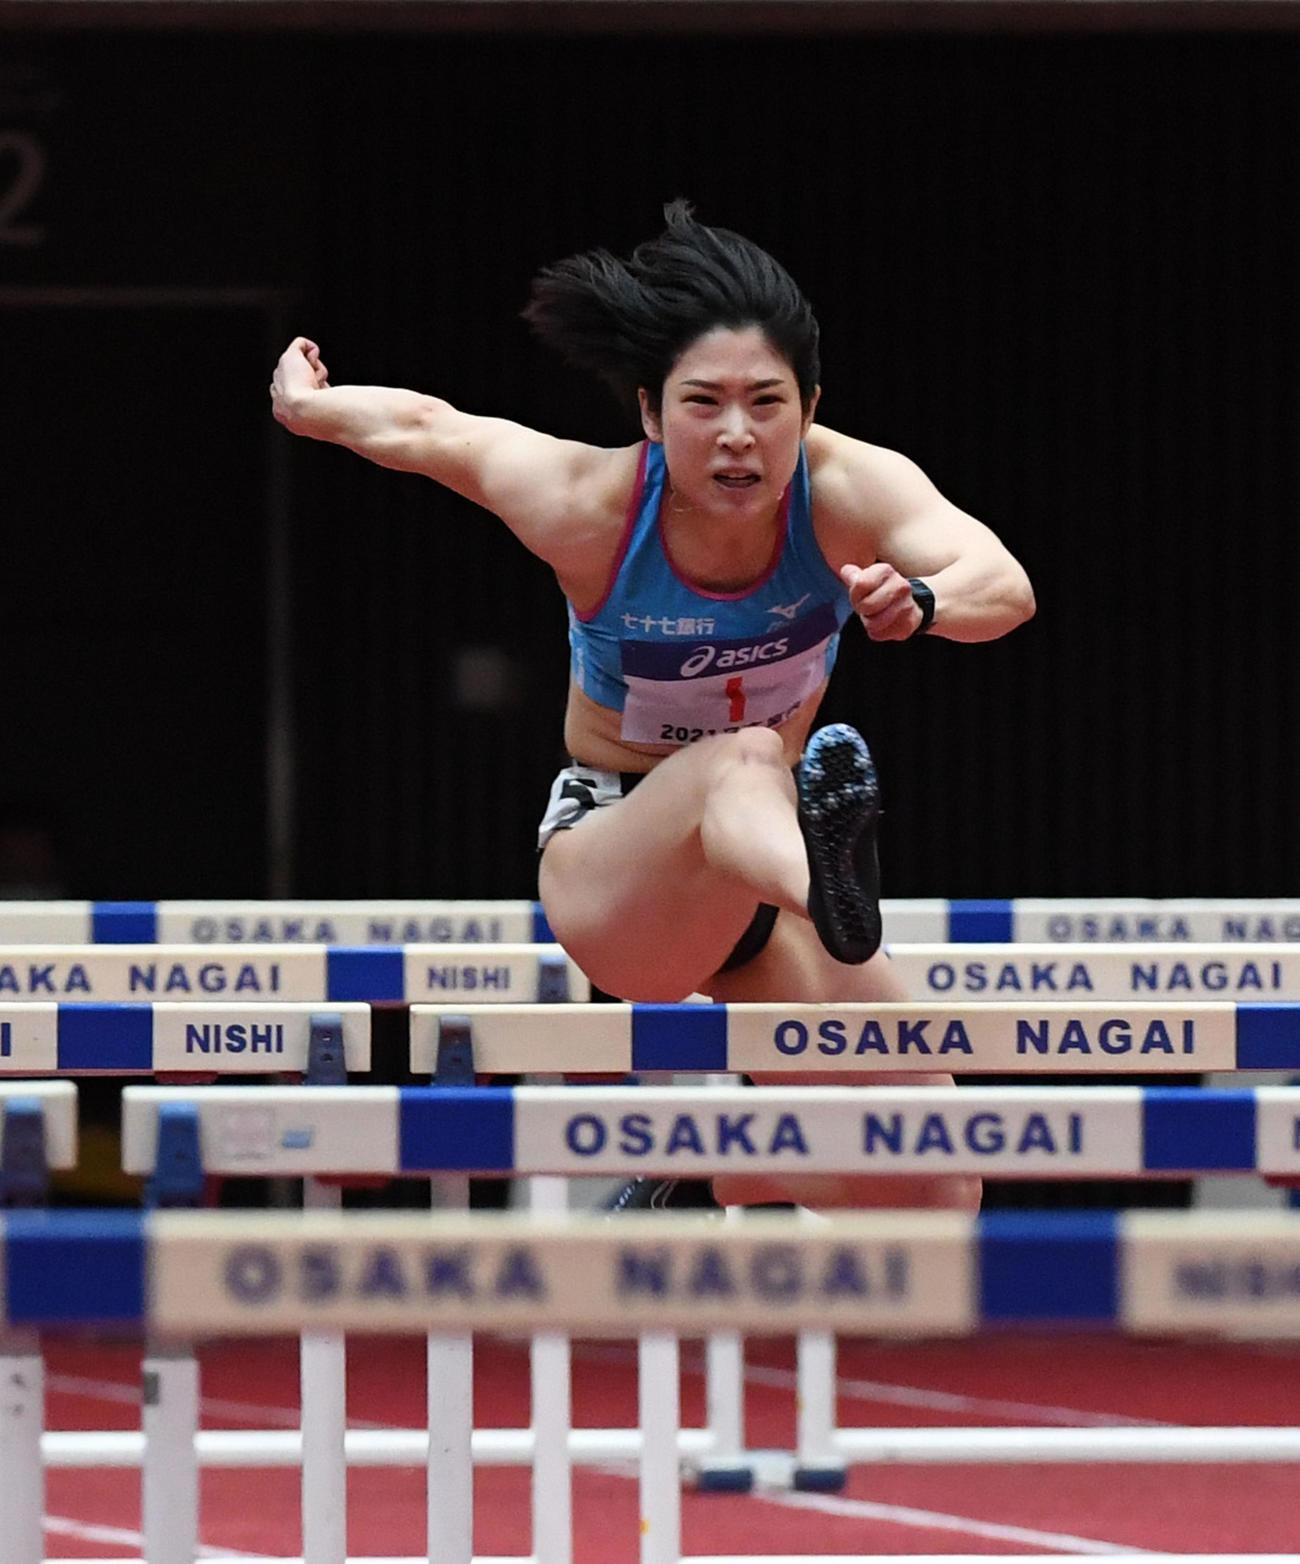 女子60メートル障害決勝で、予選に続いて室内日本新記録をマークした青木益未(撮影・前岡正明)